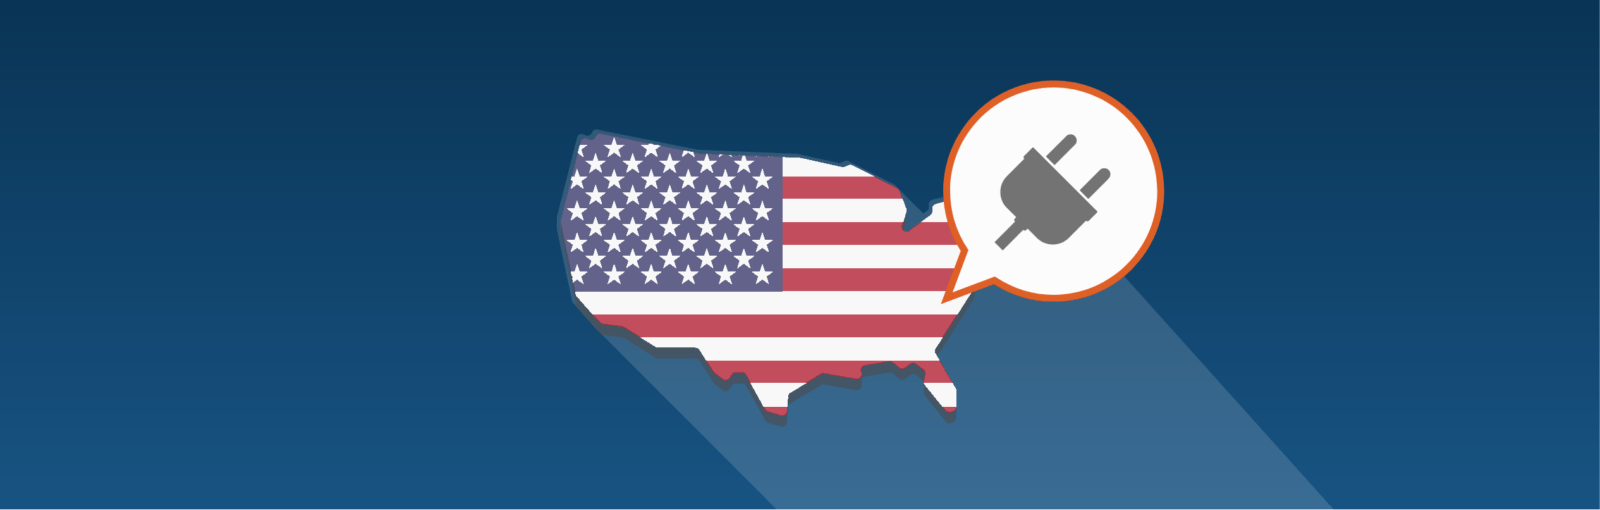 أسعار الكهرباء في امريكا حسب كل ولاية - تحديث سبتمبر 2021